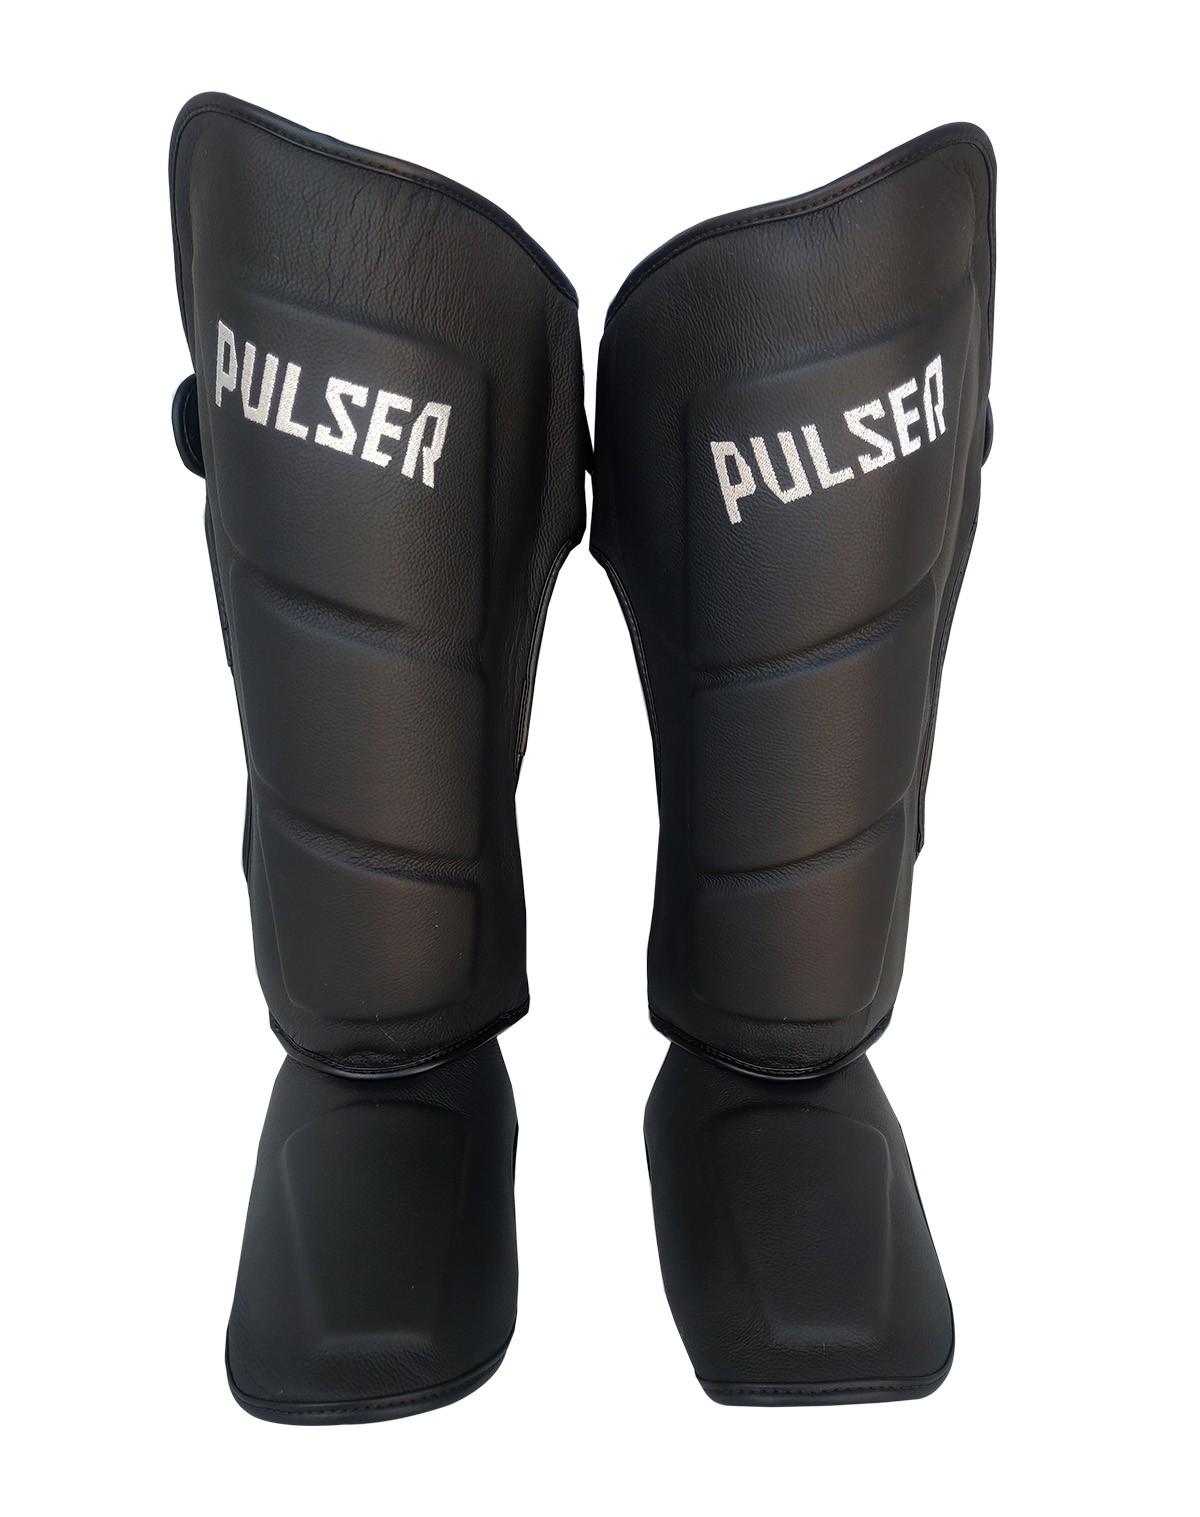 Caneleira Muay Thai MMA Preto Grande 40mm COURO - Pulser  - PRALUTA SHOP